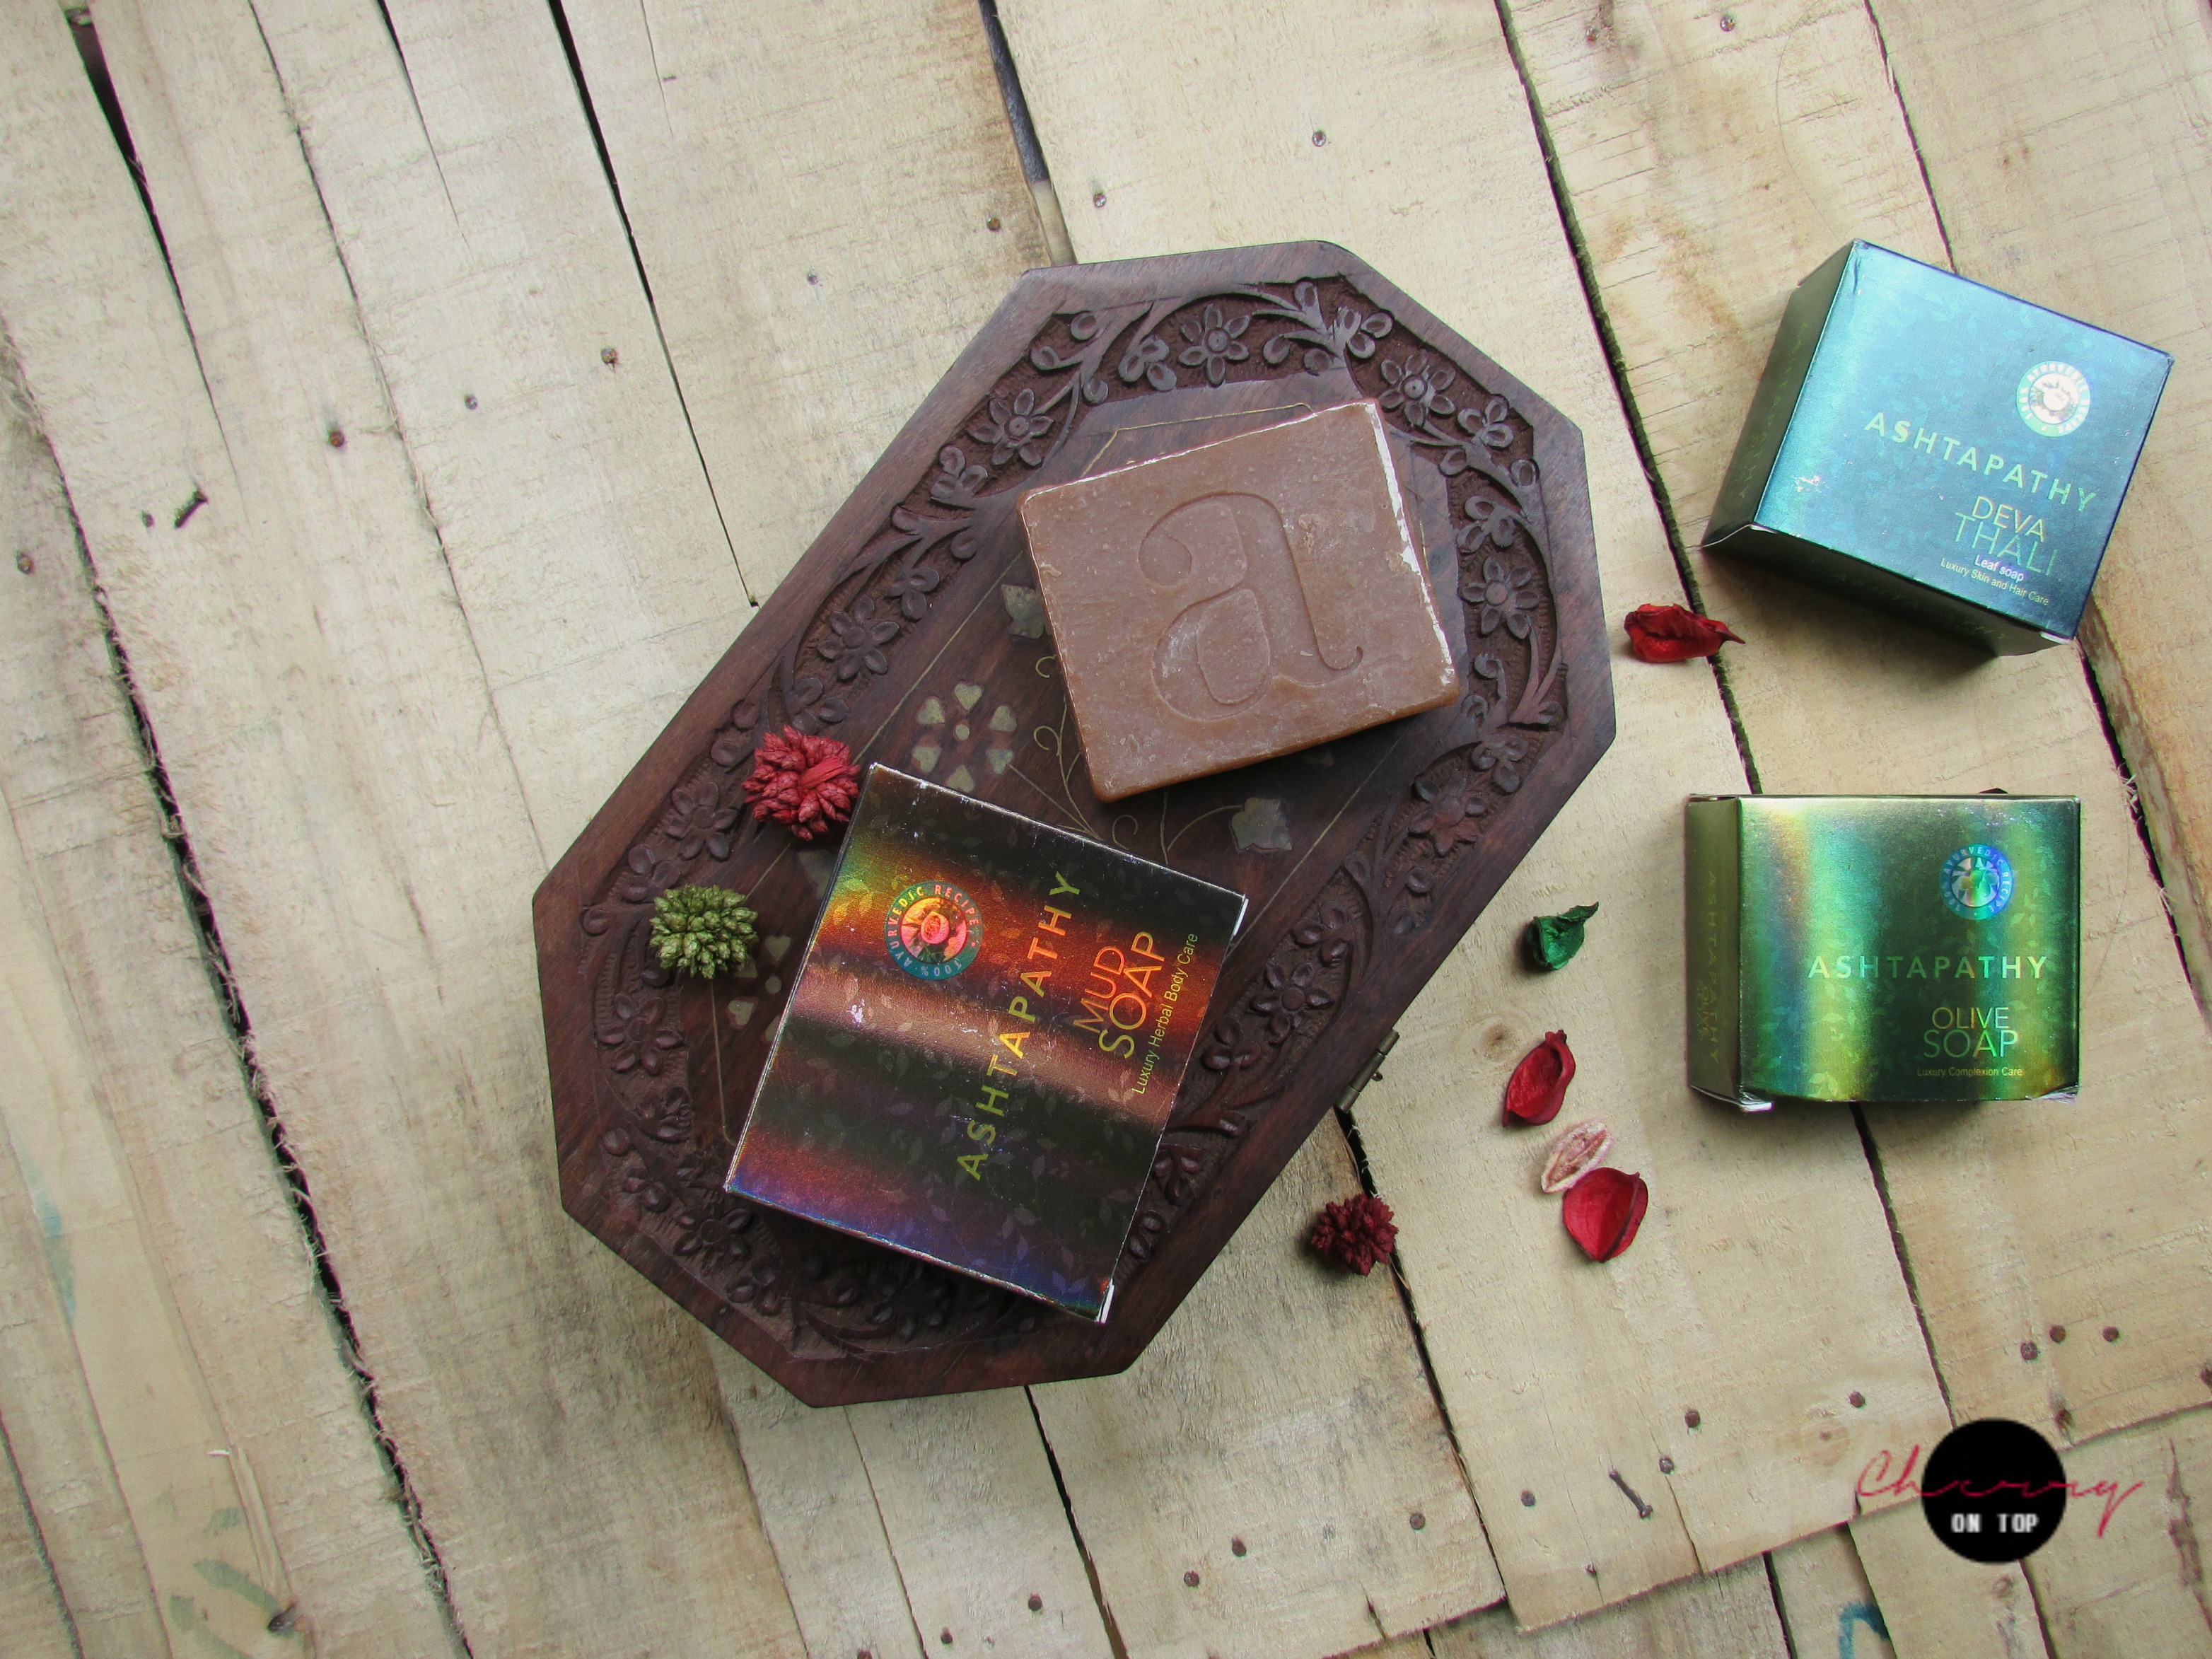 Ashtapathy Herbals Mud Soap Review